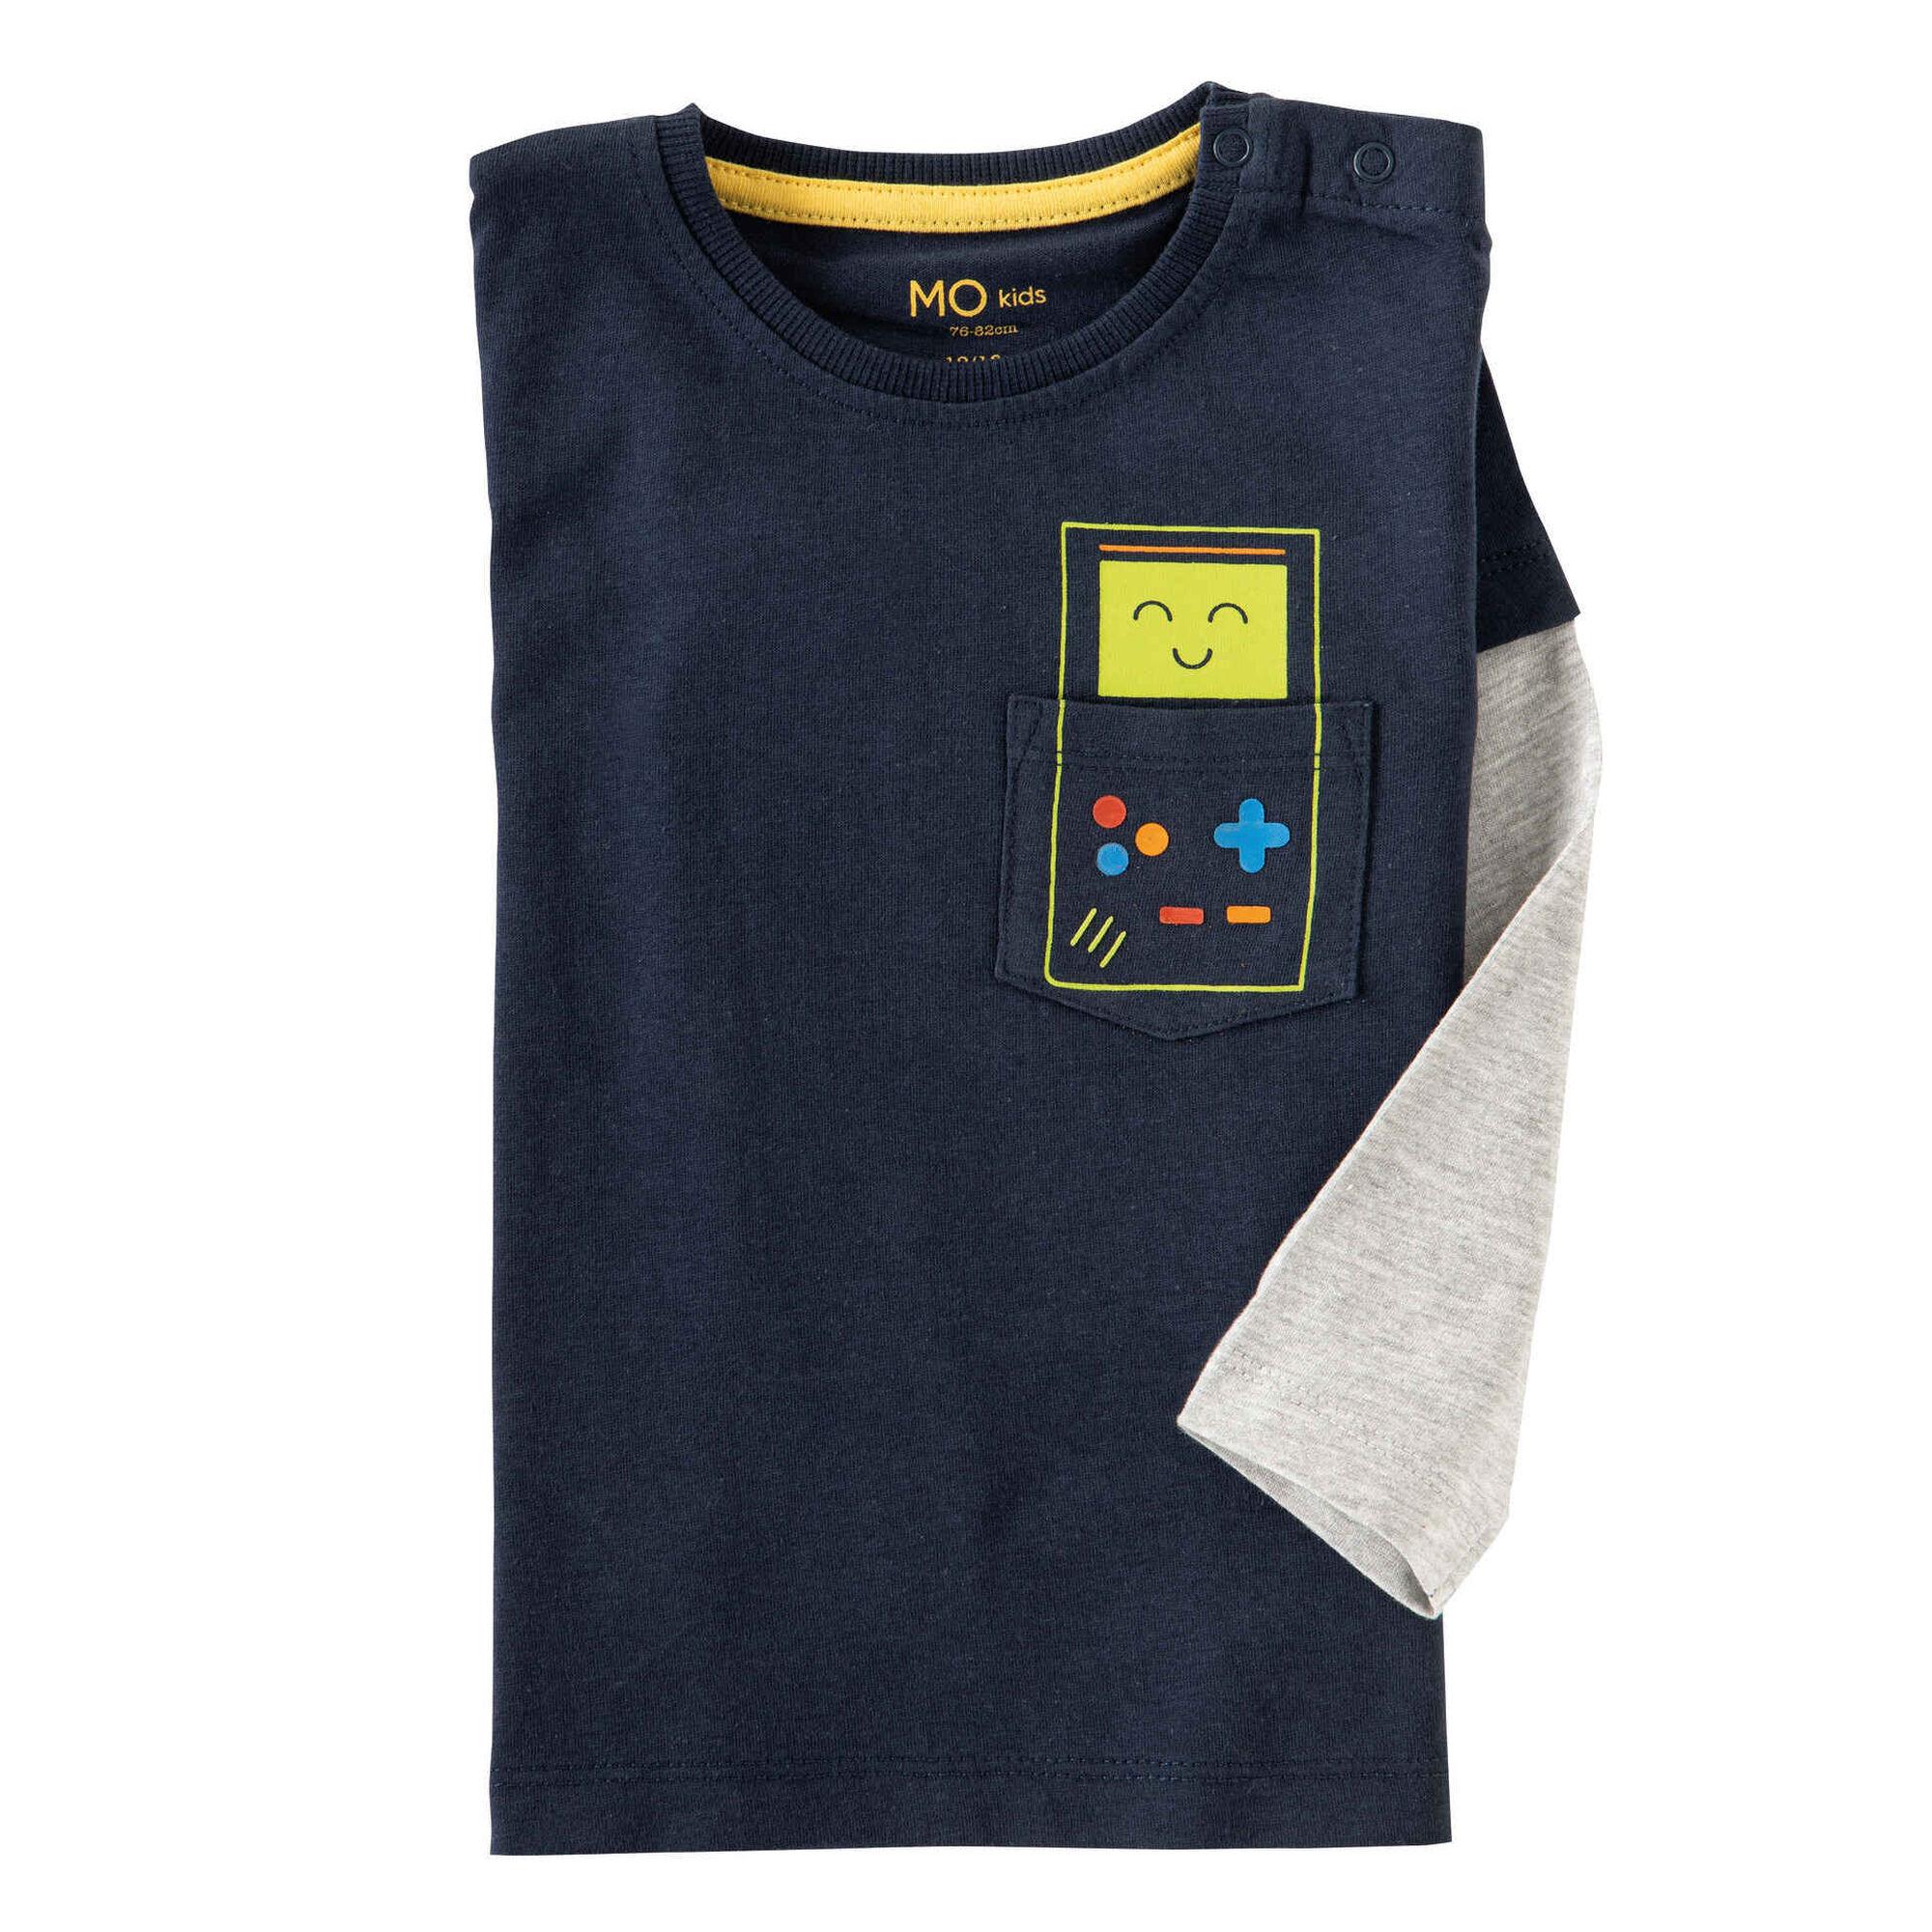 T-shirt Manga Comprida Algodão Azul e Cinza